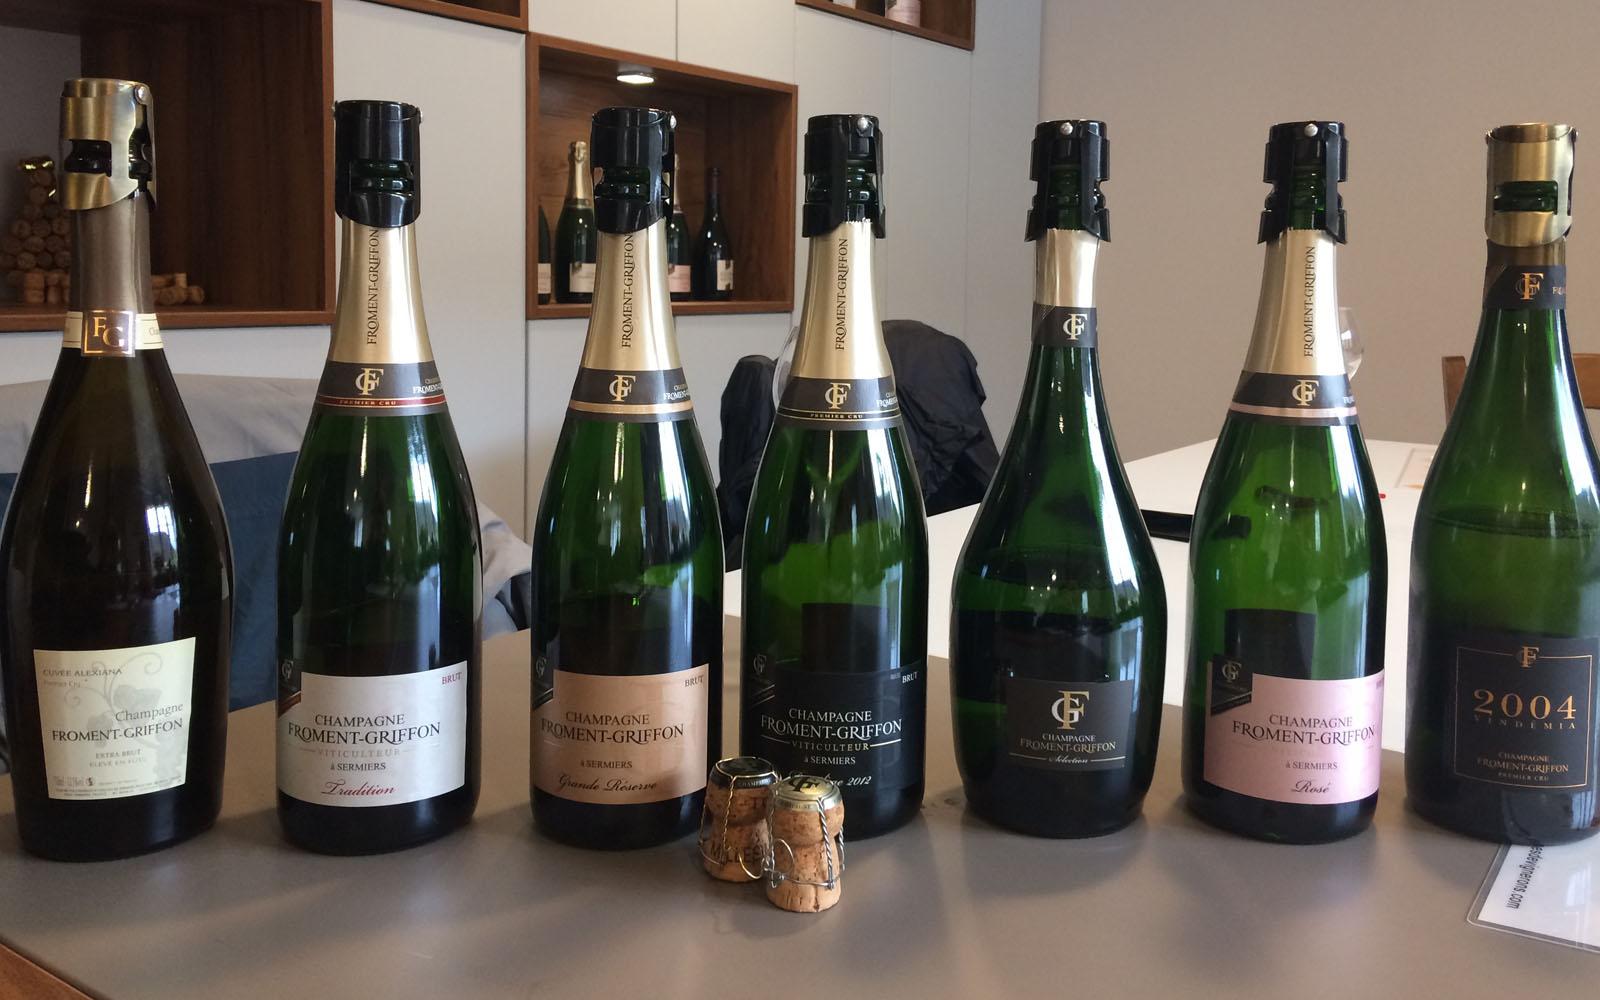 Gli Champagne degustati nella cantina Froment-Griffon, a Sermiers.